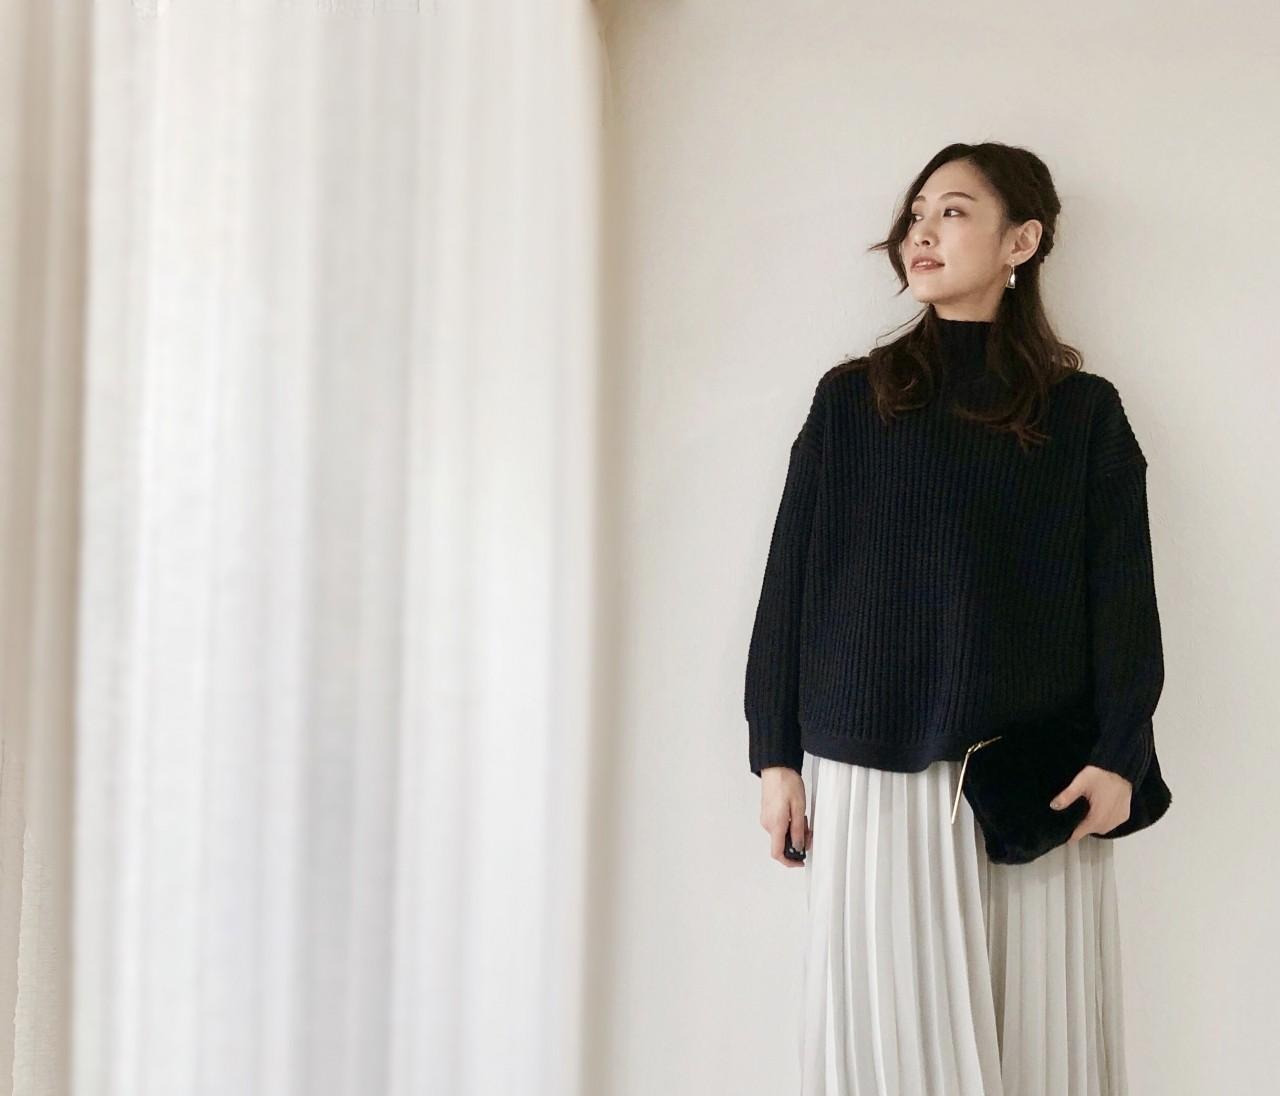 マスト買いGUニット&スカートはこれ!【BAILA1月号①】